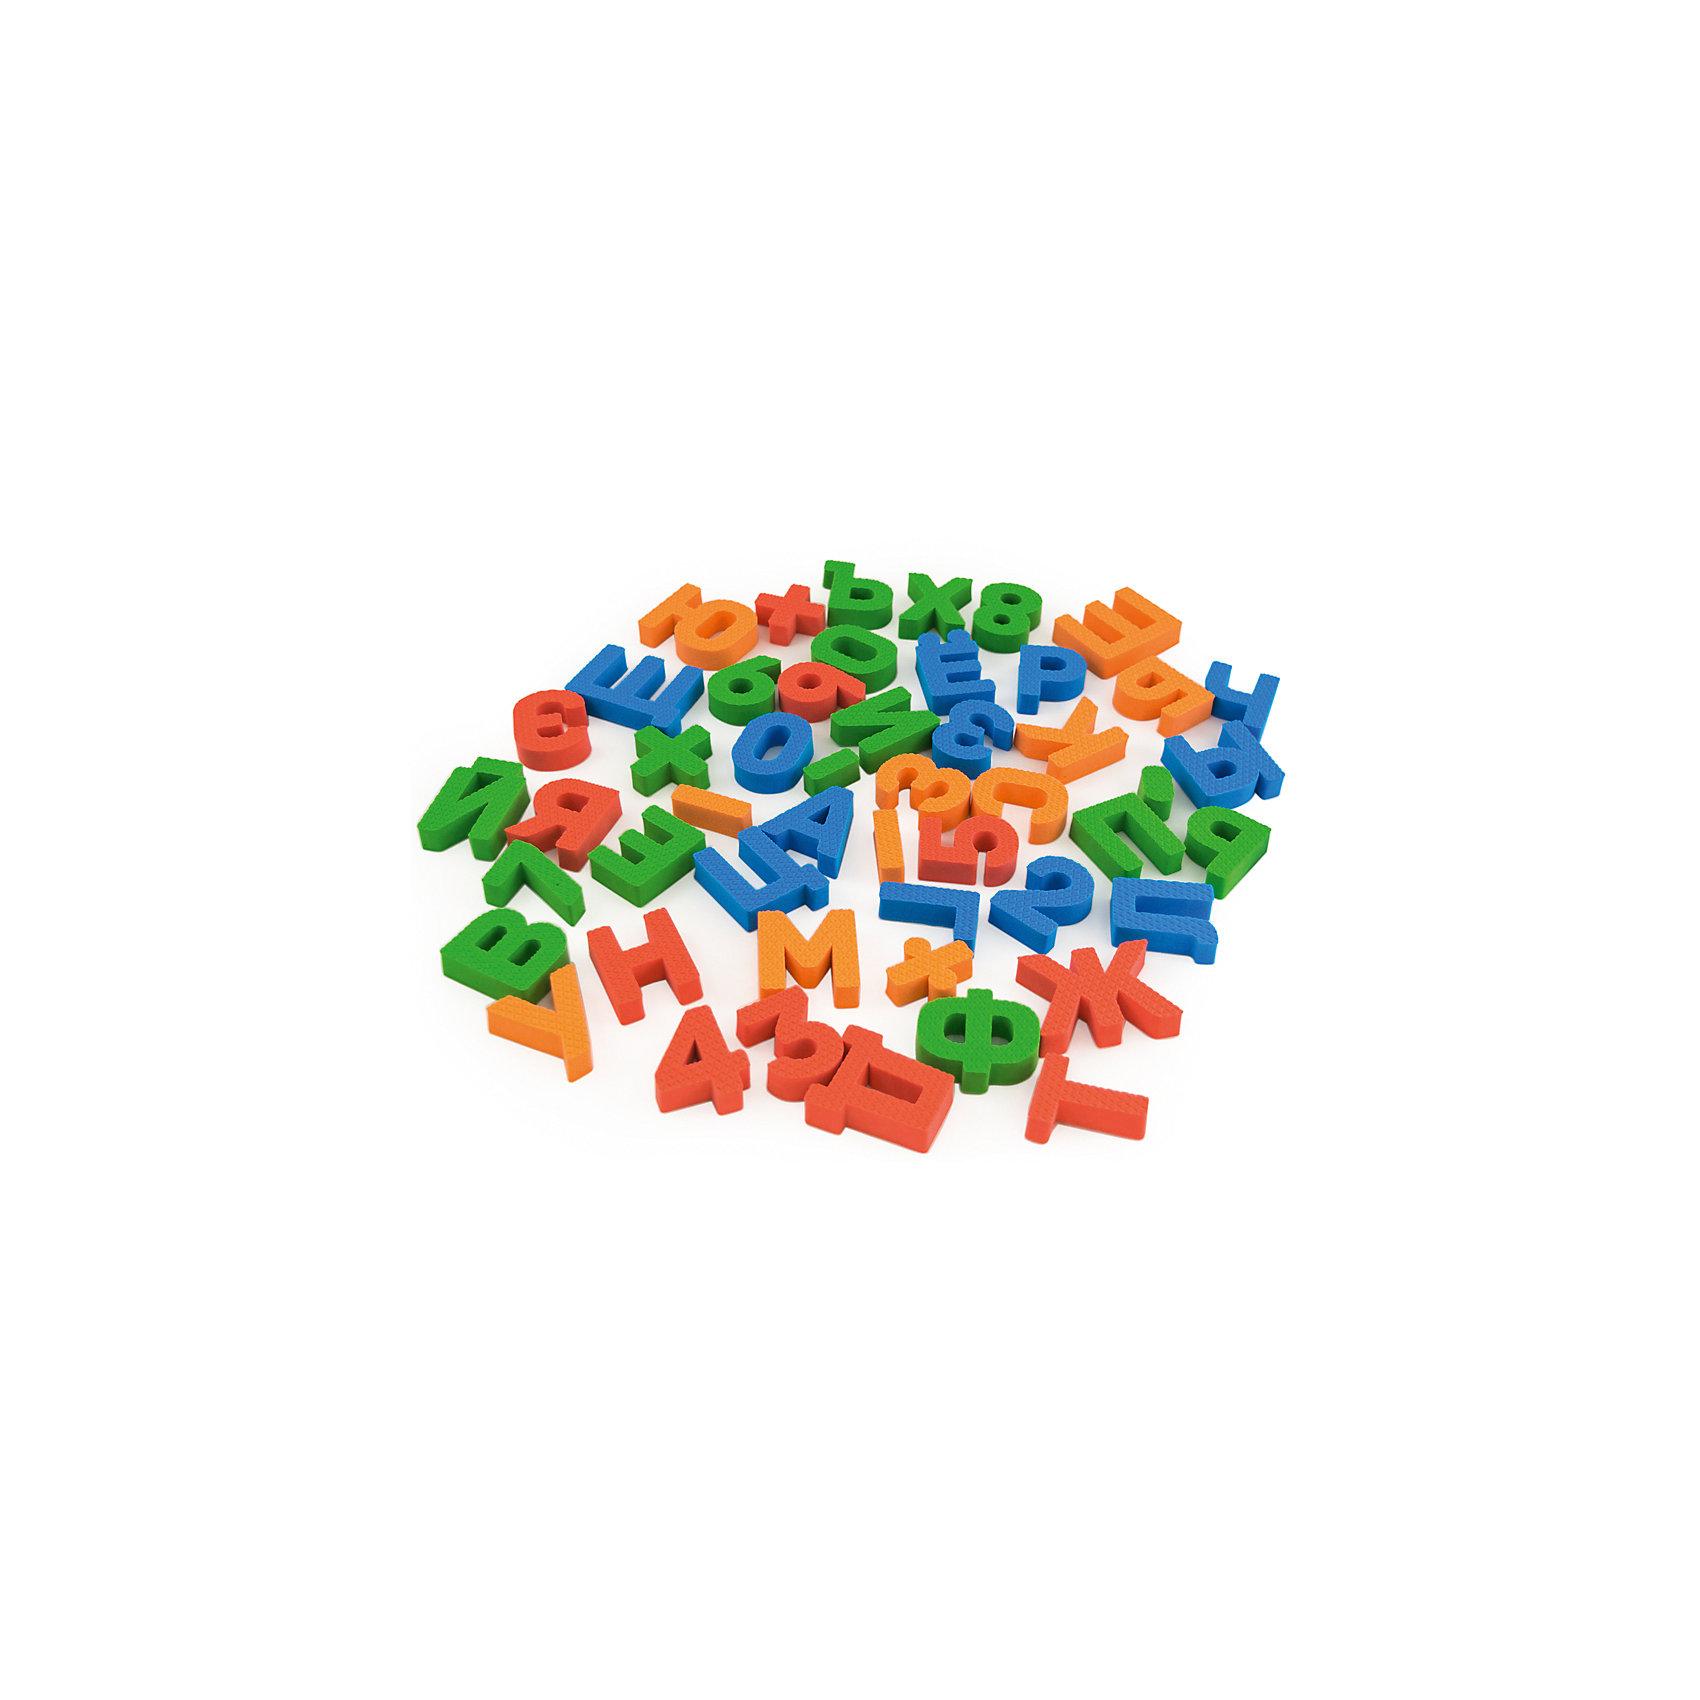 Набор Буквы-цифры, PicnMixИгровые наборы<br>Буквы-цифры от PicnMix - это игрушка, которая поможет вам обучать ребенка даже во время купания. Все детали легко держатся на воде, кафеле и других гладких поверхностях. В комплекте буквы и цифры четырех цветов: красный, оранжевый, зеленый, синий. С их помощью ребенок без труда научится считать и, возможно, даже складывать слоги. Отлично развивает мелкую моторику и память. С игрой Буквы-цифры купаться будет очень весело и интересно!<br><br>Дополнительная информация:<br>Материал: ЭВА<br>Количество элементов: 48<br>Размер упаковки: 15х15х25 см<br>Вес: 100 грамм<br><br>Набор Буквы-цифры от PicnMix можно приобрести в нашем интернет-магазине.<br><br>Ширина мм: 150<br>Глубина мм: 250<br>Высота мм: 150<br>Вес г: 100<br>Возраст от месяцев: 36<br>Возраст до месяцев: 60<br>Пол: Унисекс<br>Возраст: Детский<br>SKU: 5008803